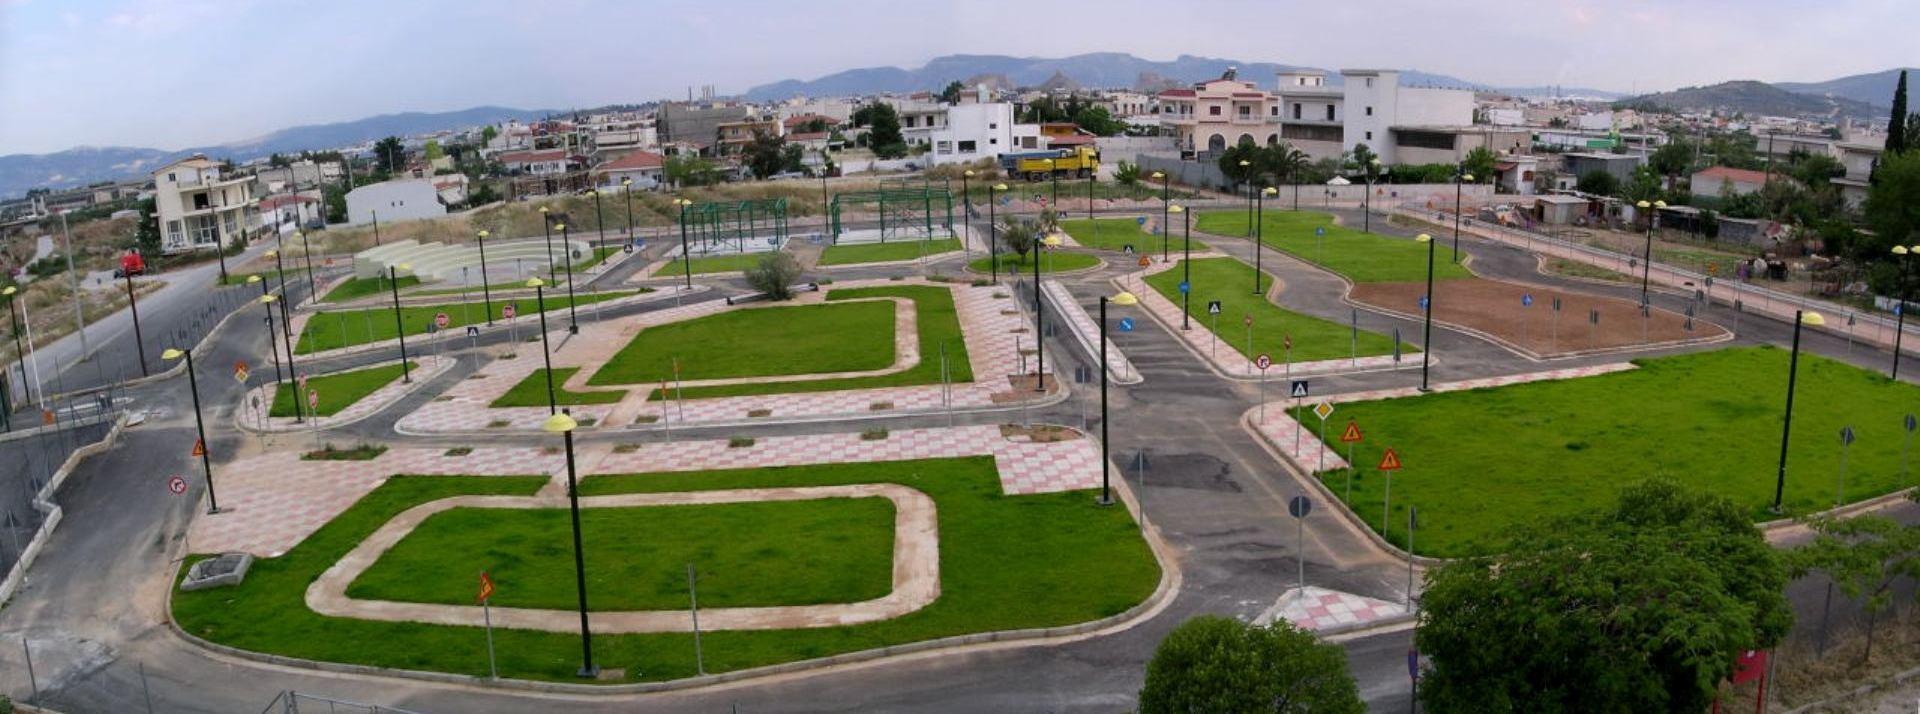 Πάρκο κυκλοφοριακής αγωγής νομού Χανίων